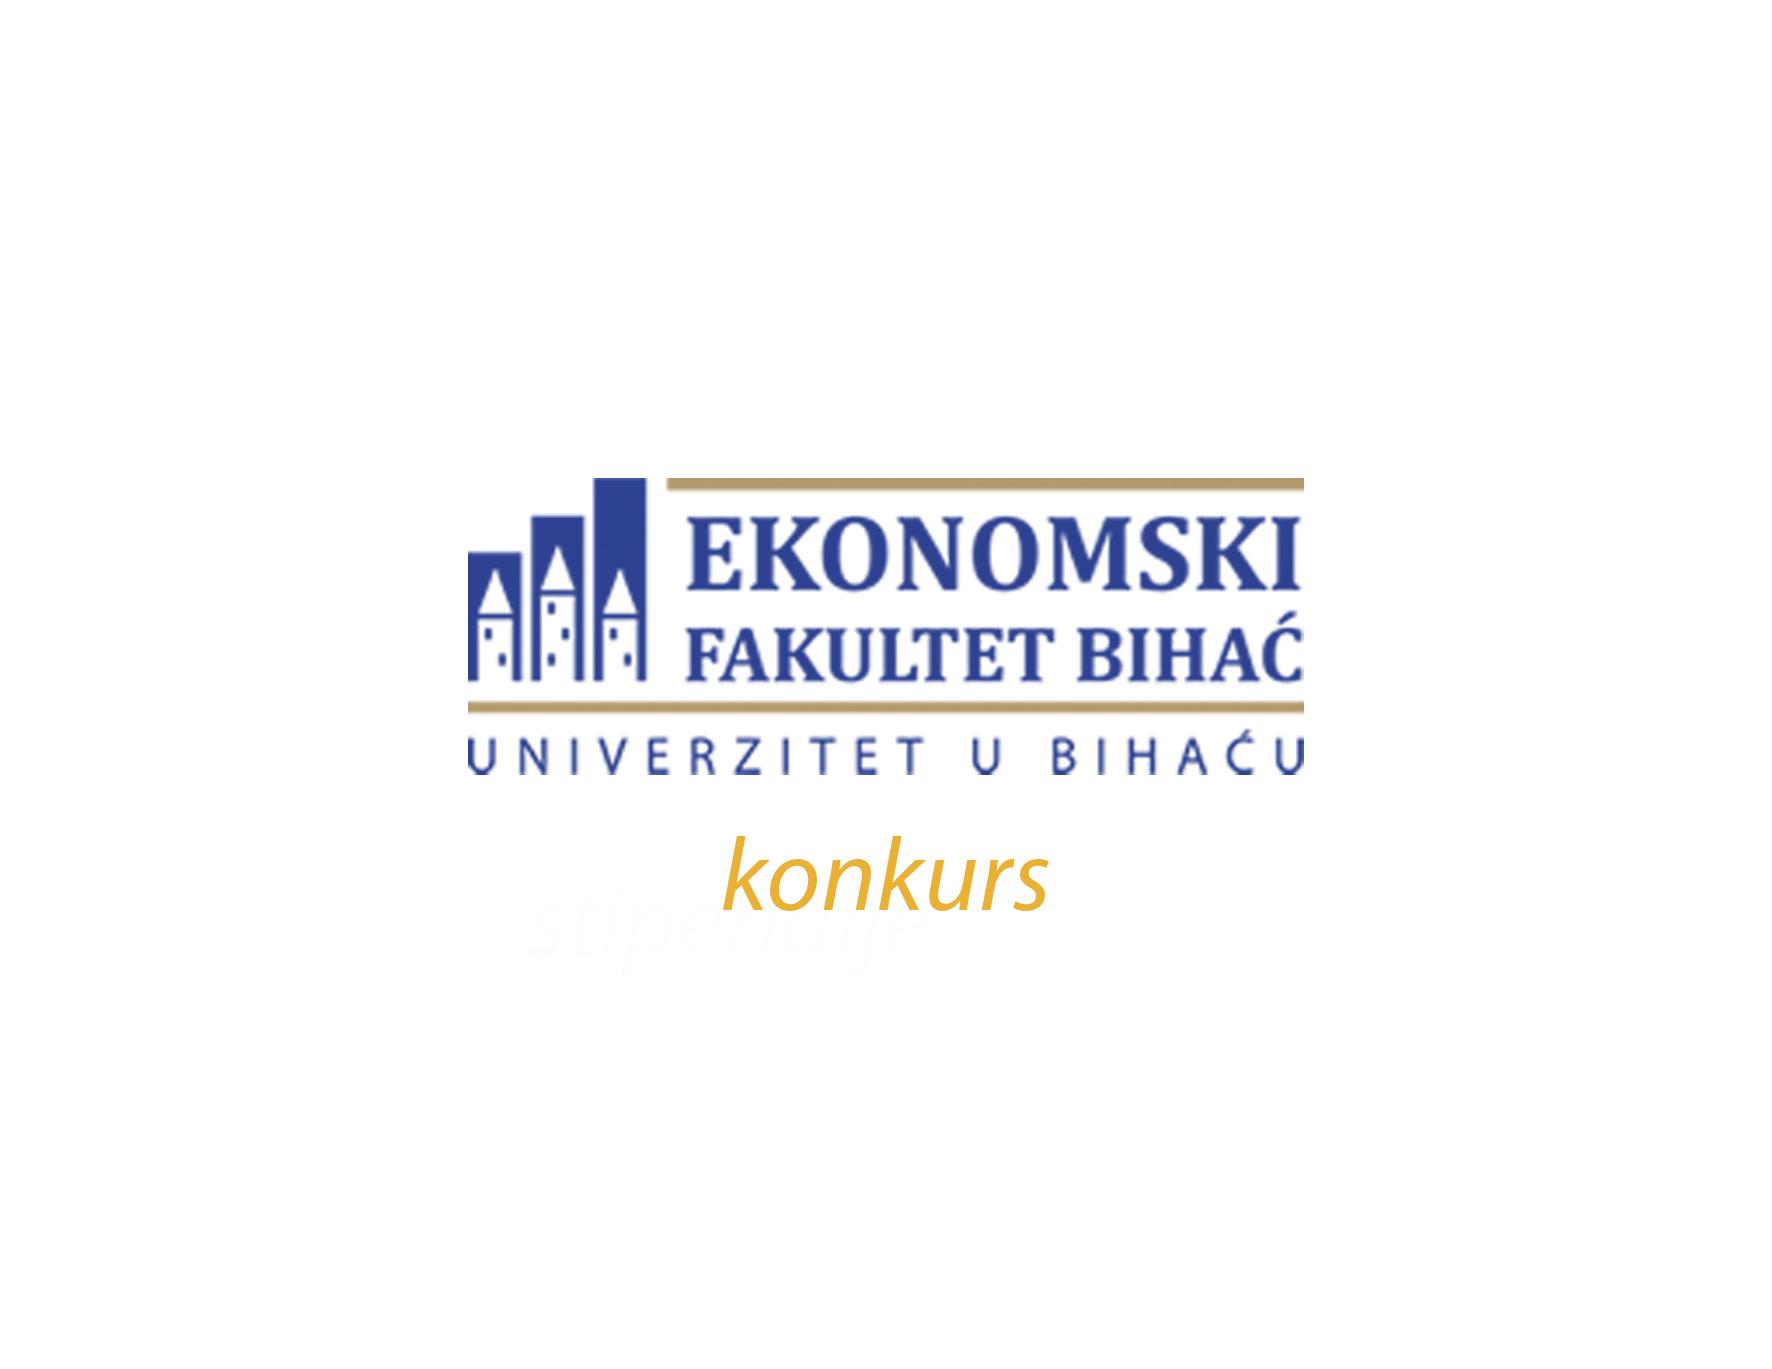 Ponovni konkurs Ekonomskog fakulteta Univerziteta u Bihaću